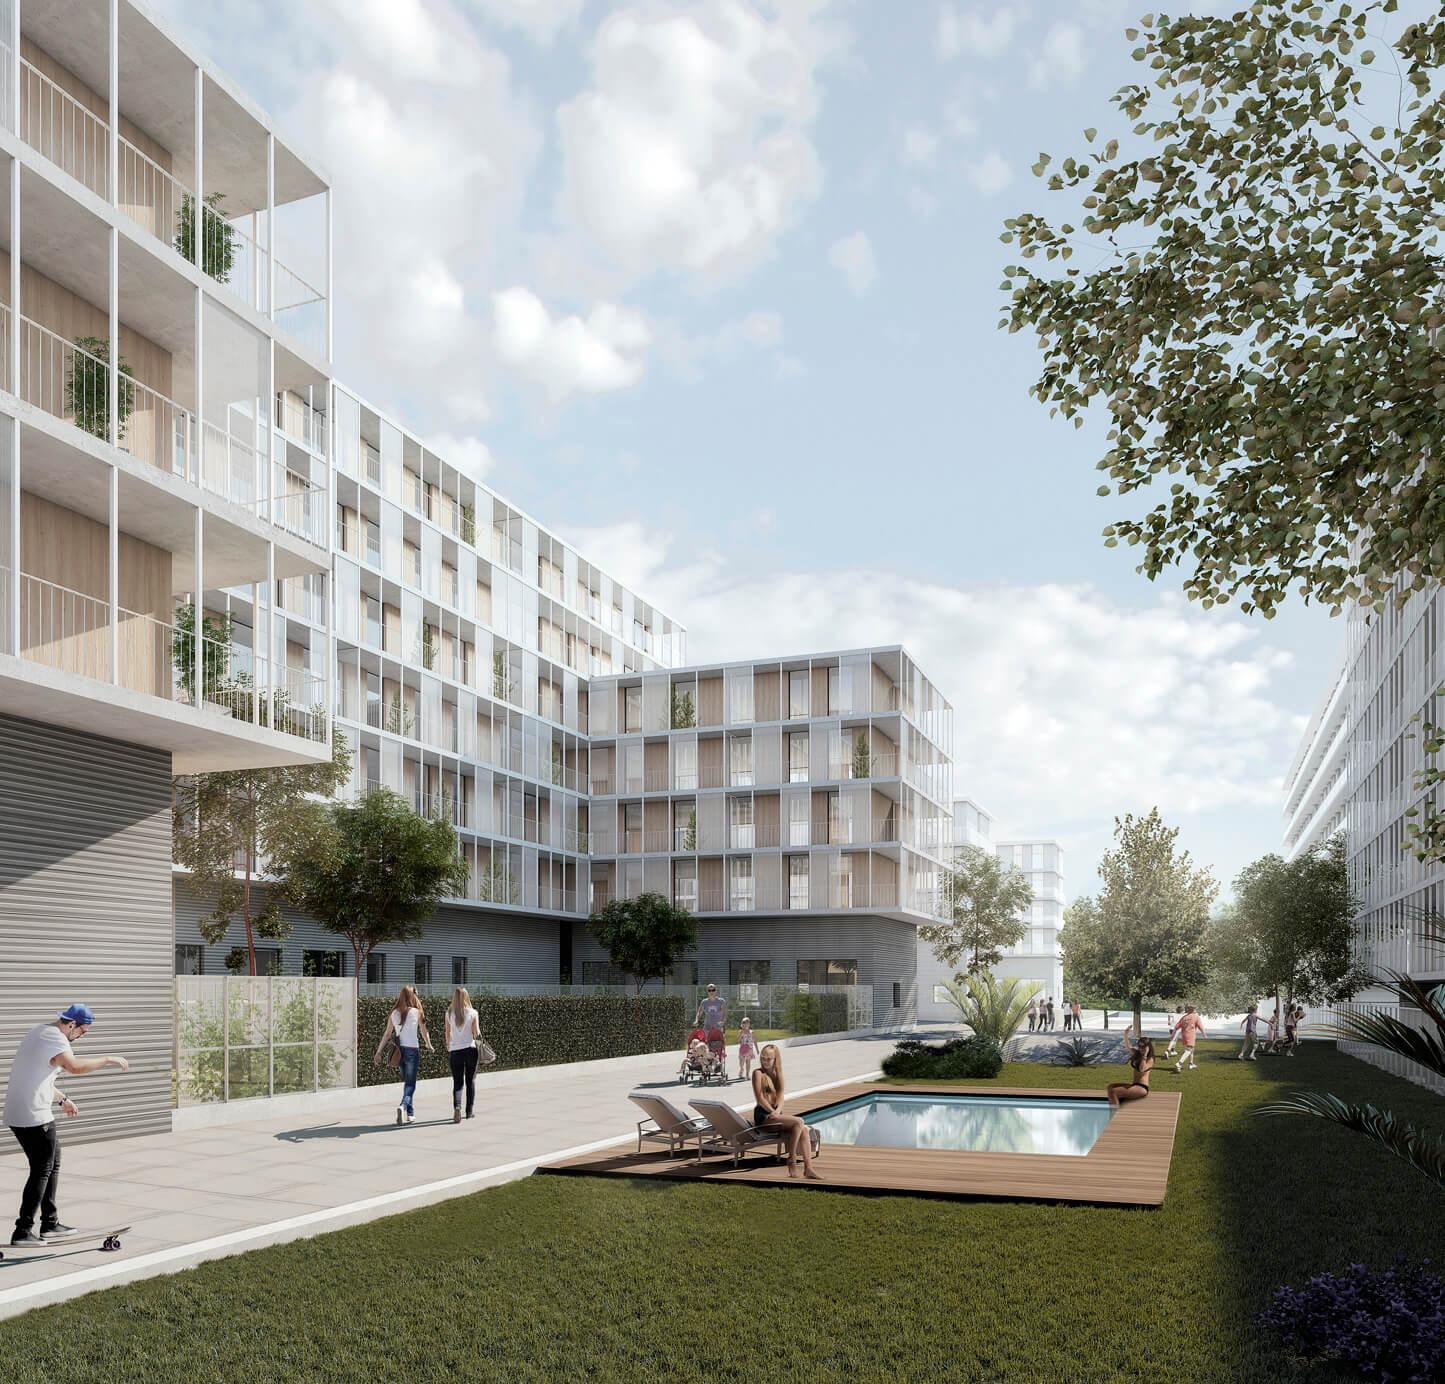 06-Residencial- Lluís Jubert taller d'arquitectura